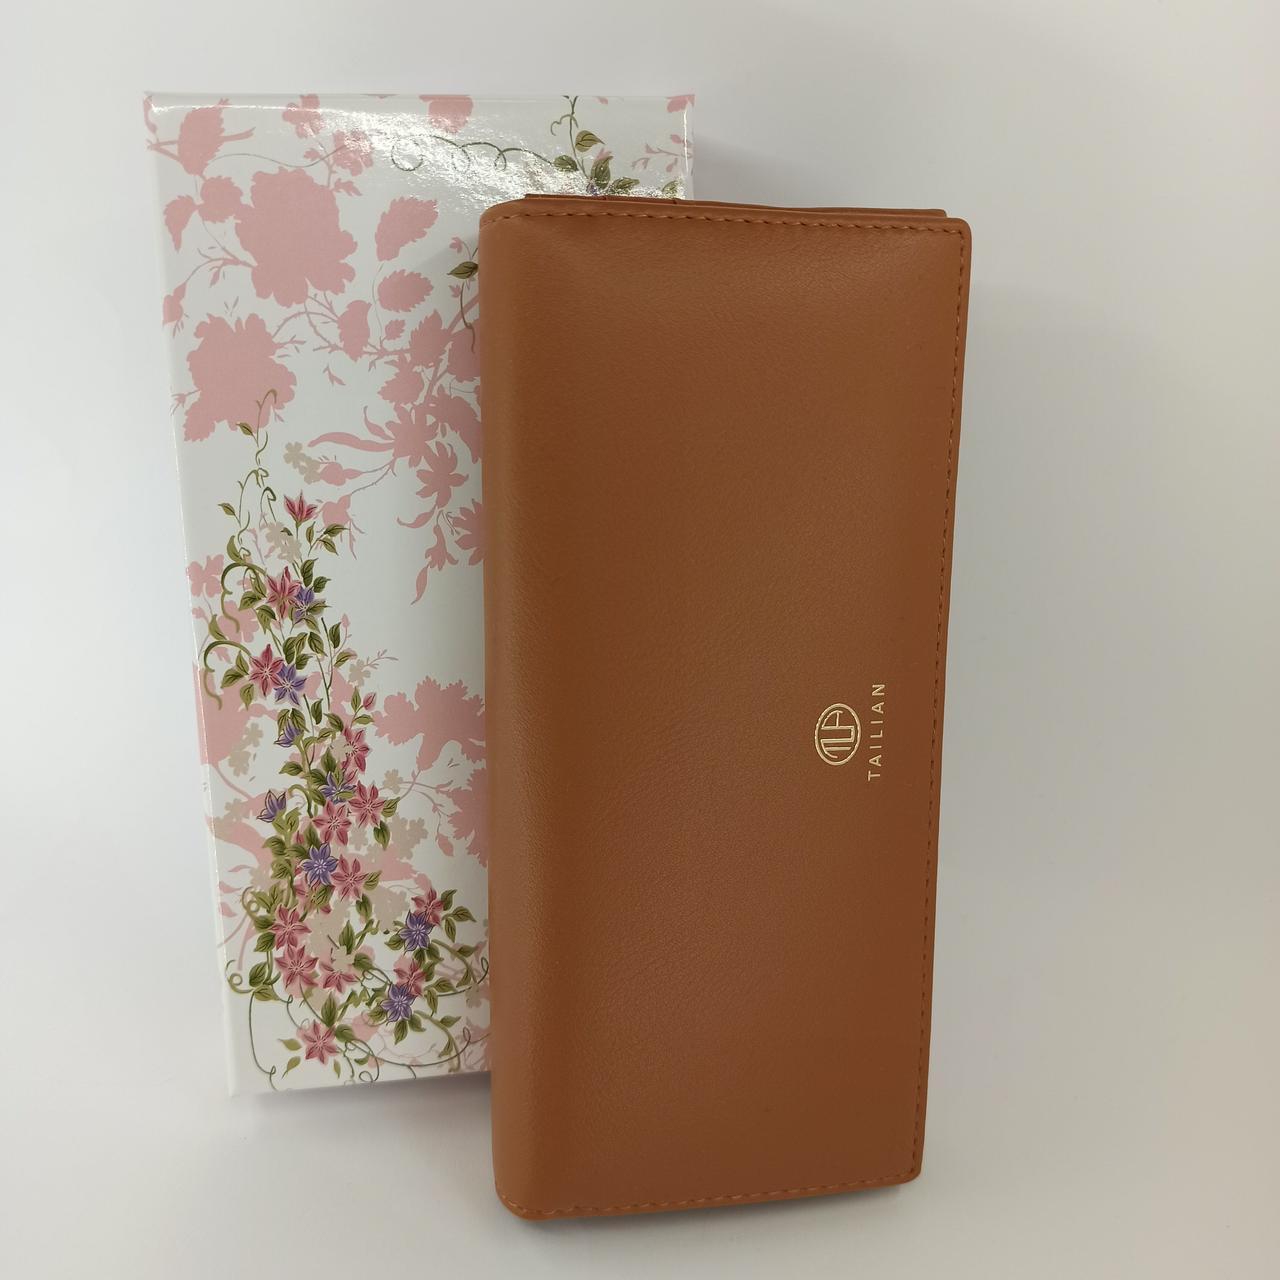 Классический женский кошелек клатч на магнитах из качественной PU кожи Tailian T88200-247